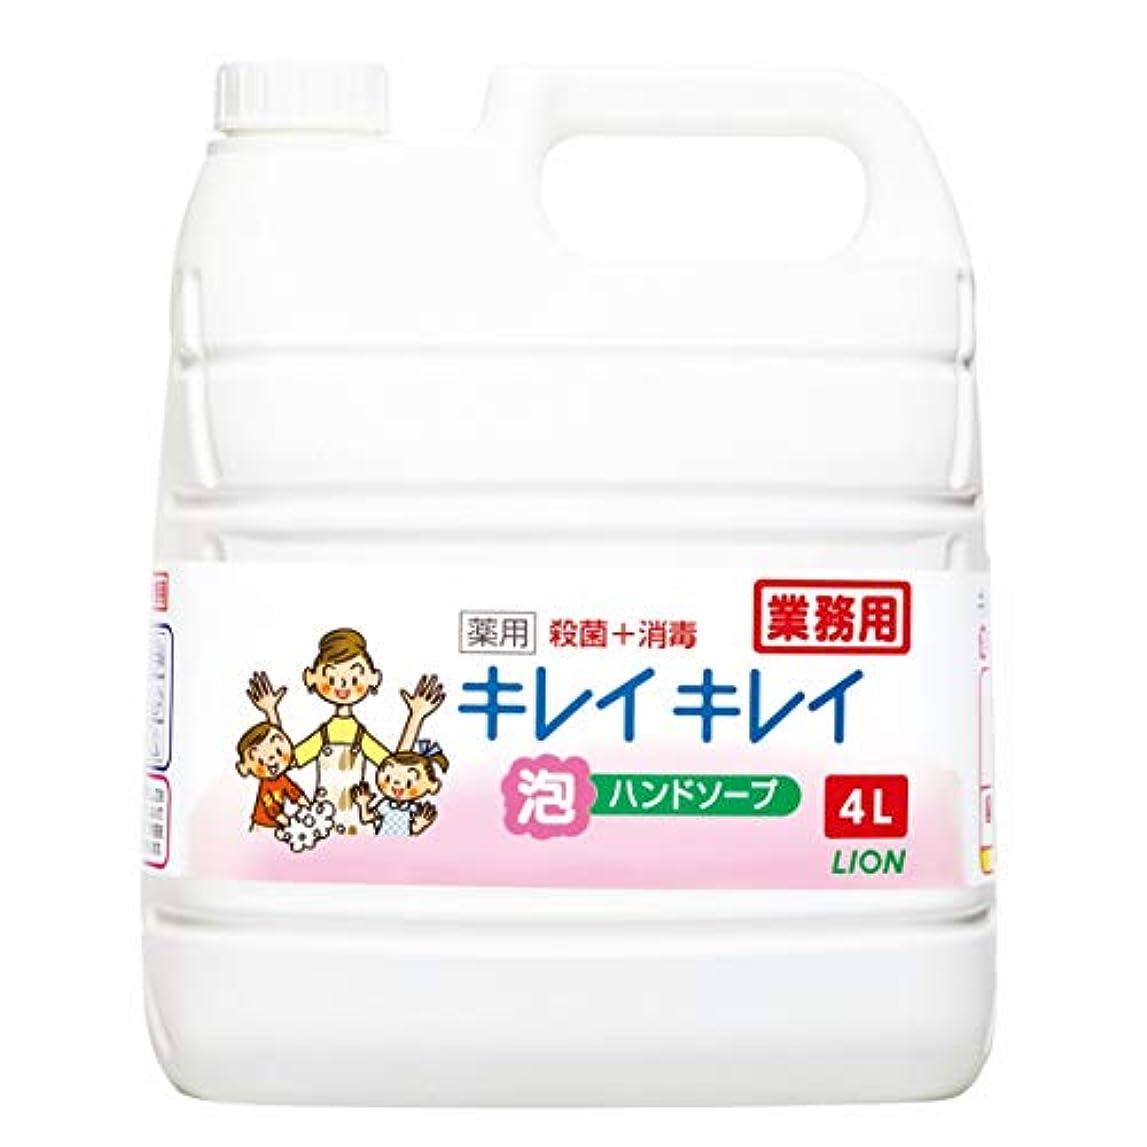 ハチ容赦ない収縮【業務用 大容量】キレイキレイ 薬用 泡ハンドソープ シトラスフルーティの香り 4L(医薬部外品)